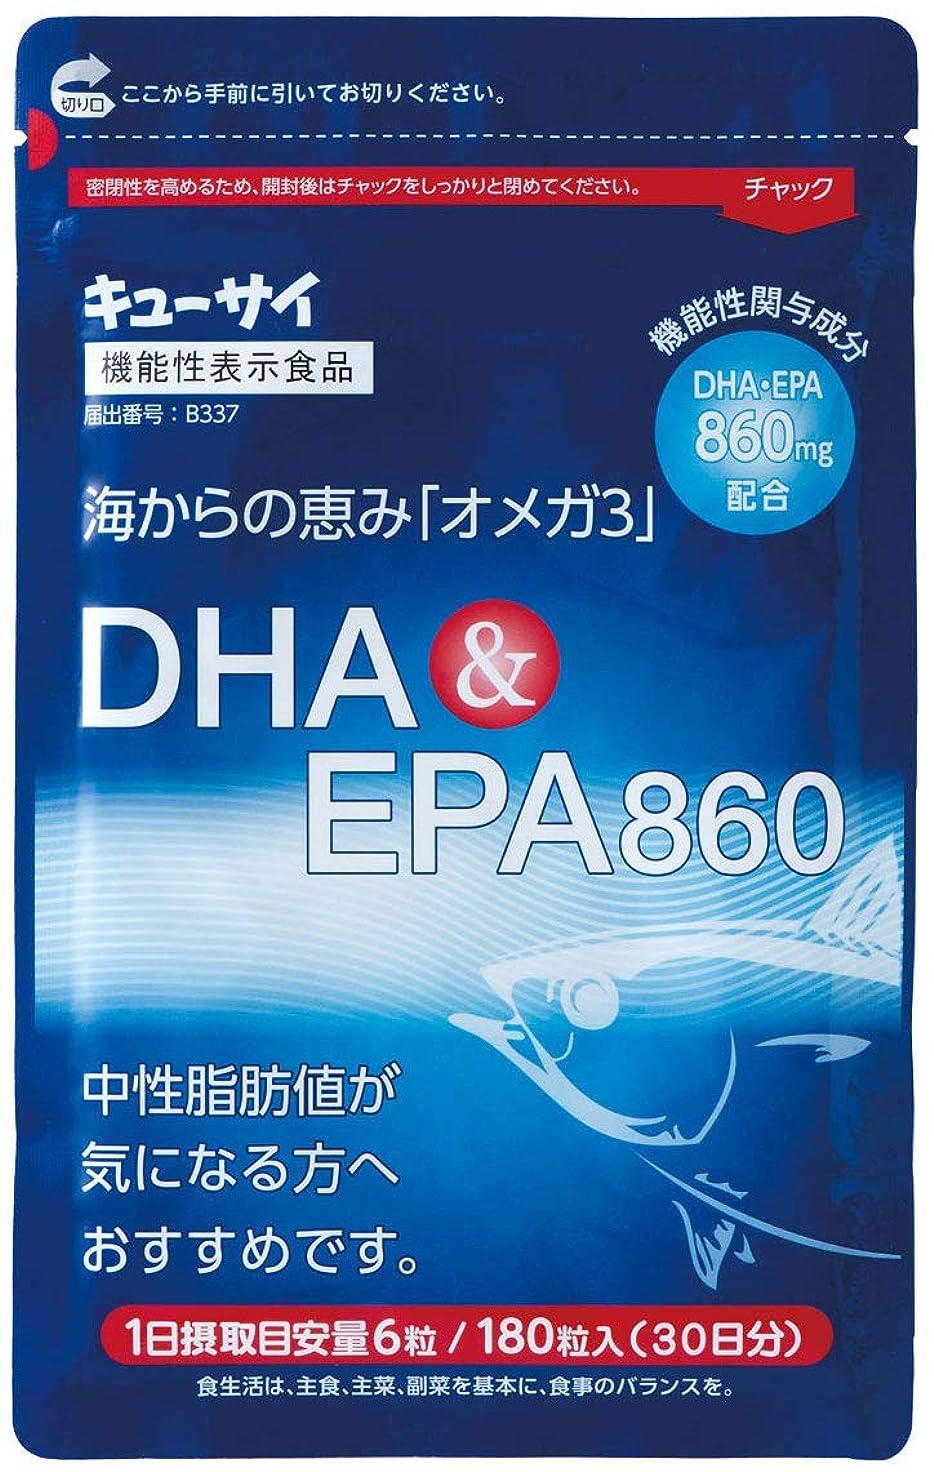 傷つきやすいカスタム代わりのキューサイ/DHA&EPA860/オメガ3/81.0g(450mg×180粒)(約30日分)/ソフトカプセルタイプ/機能性表示食品